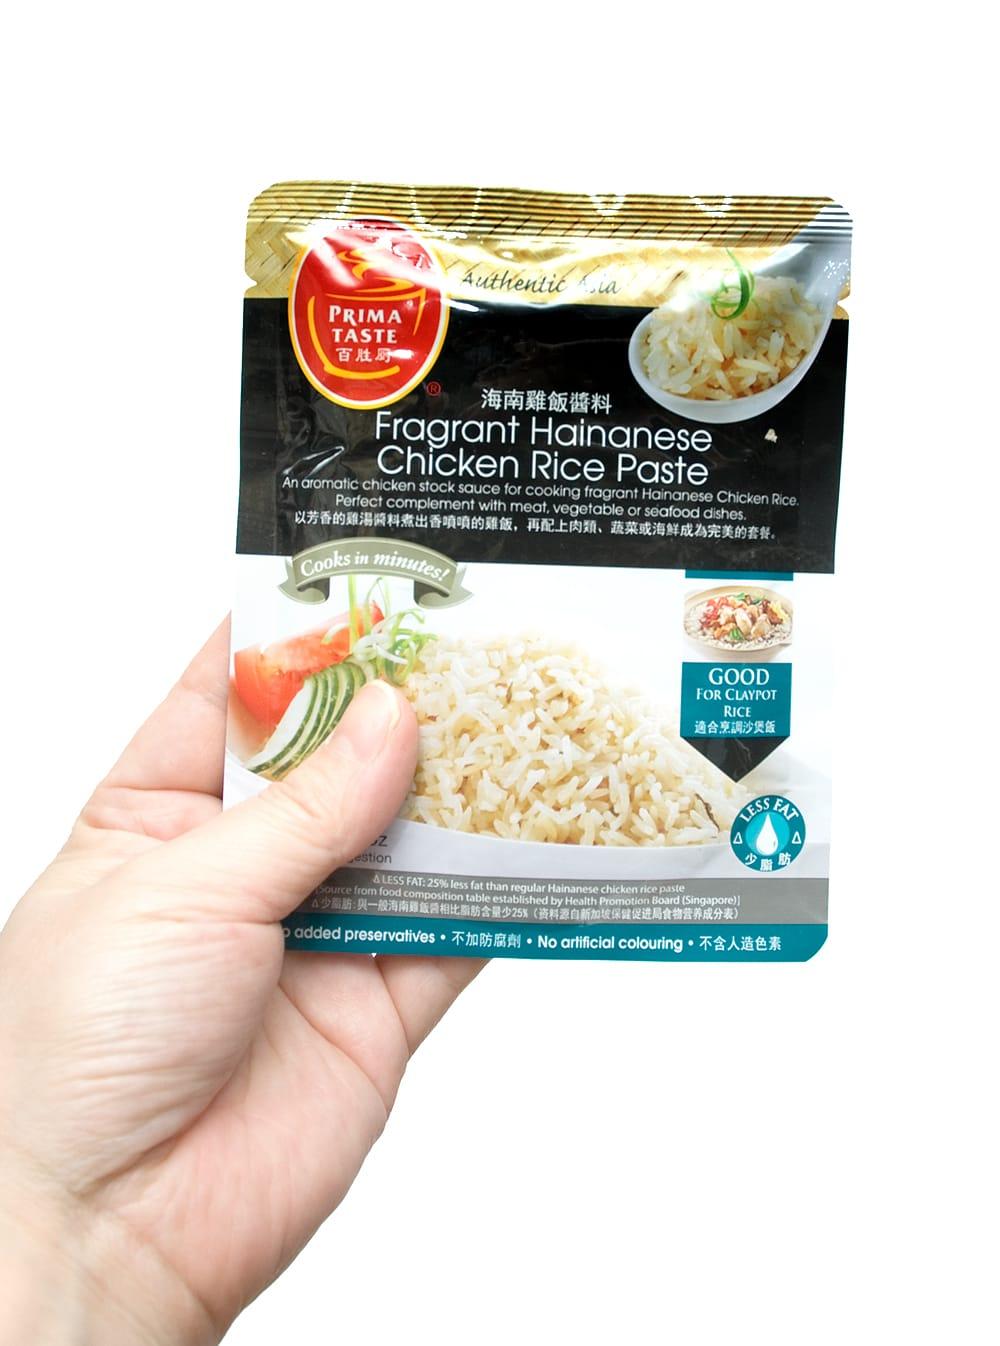 海南チキンライスの素 - Fragrant Hainanese Chicken Rice Paste 【PRIMA TASTE】 2 - 写真